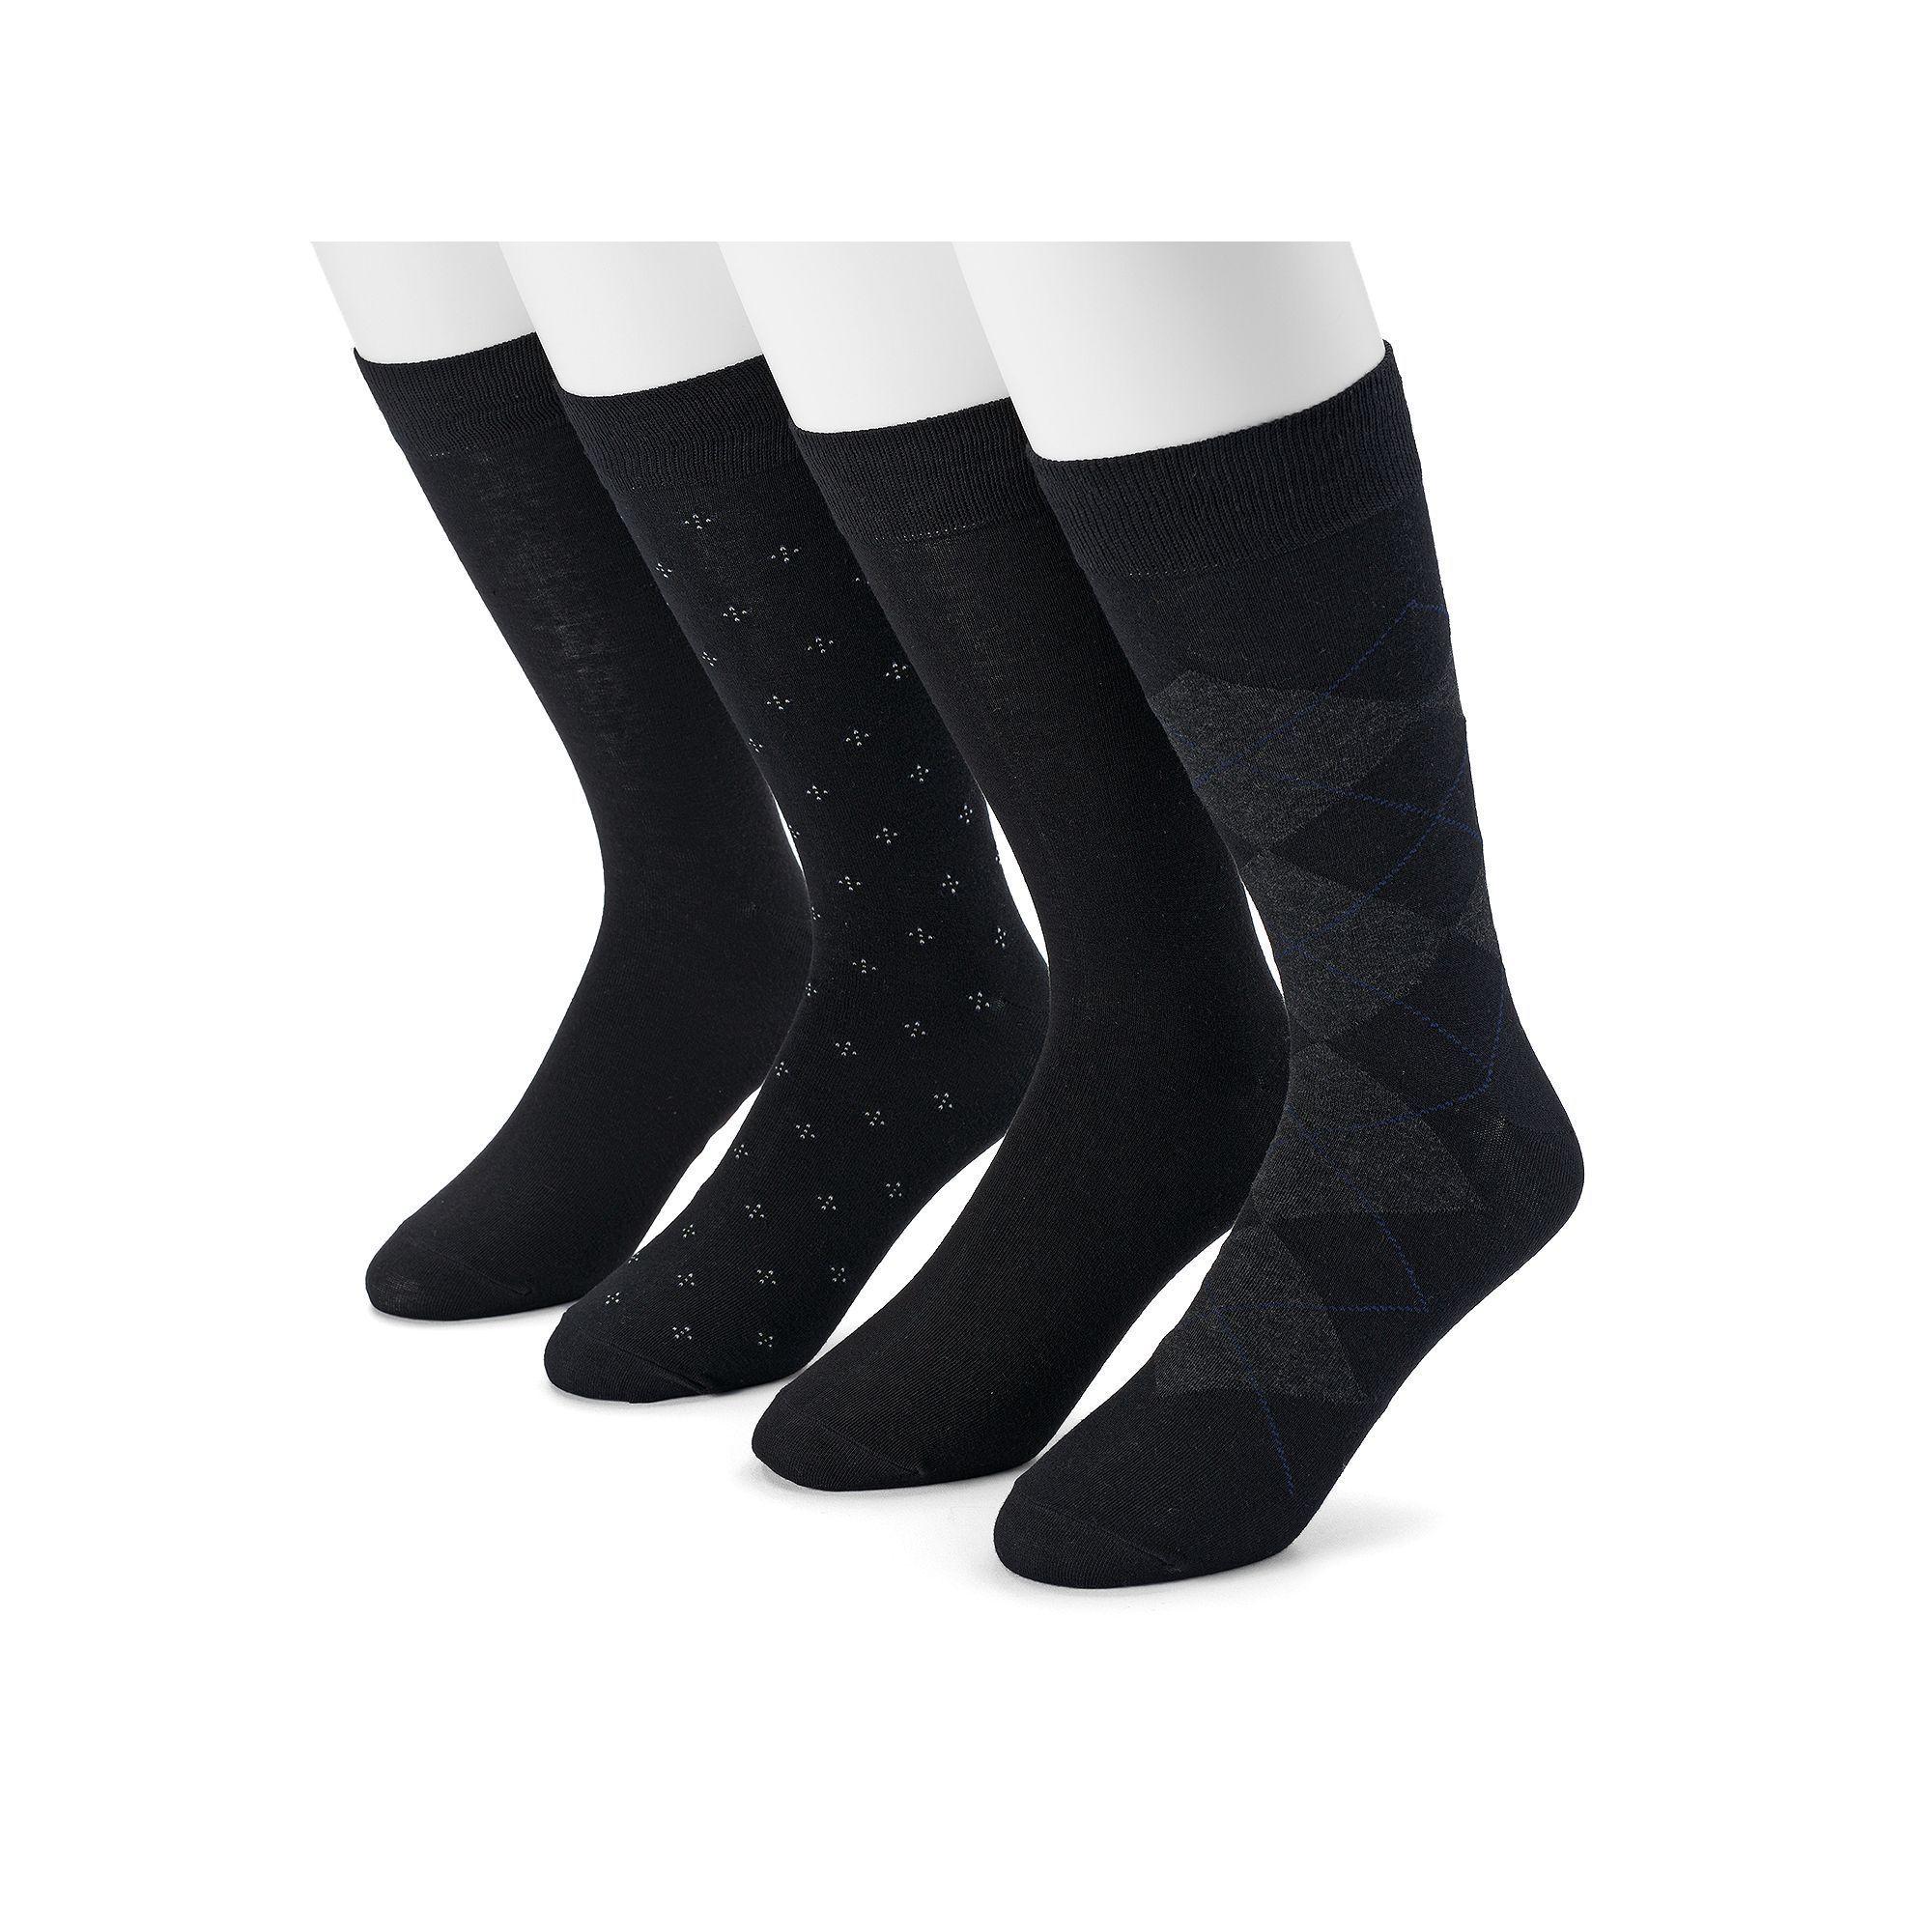 Men's Dockers 4-pack Argyle, Solid & Patterned Dress Socks, Size: 6-12, Black